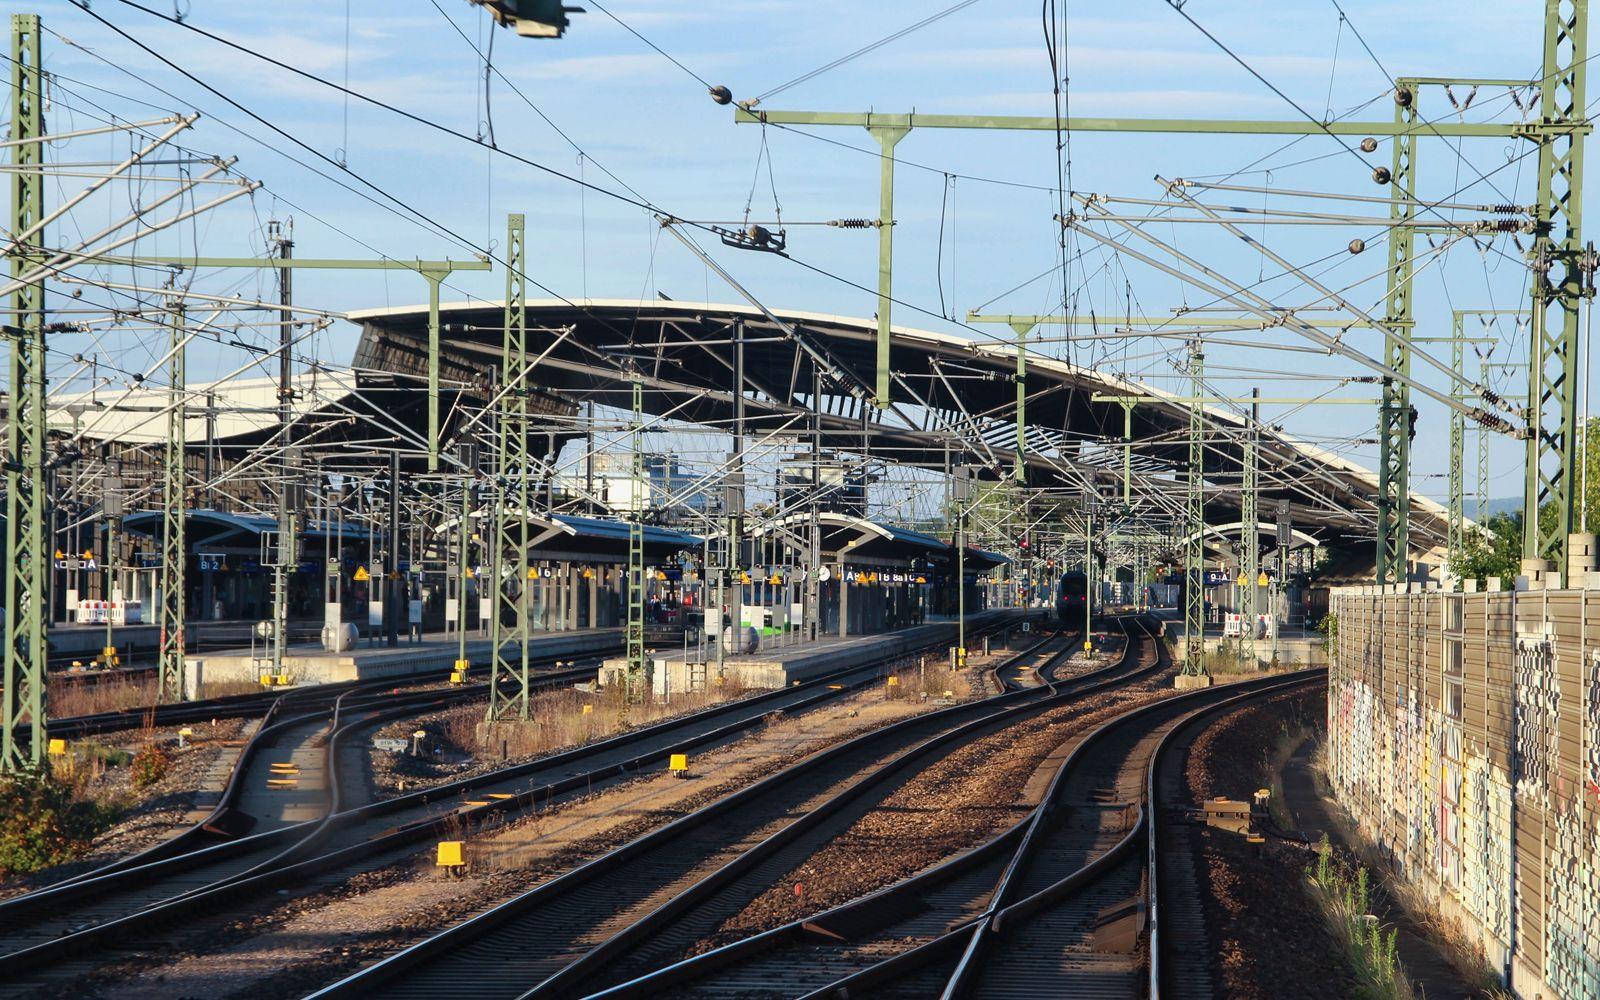 ©Foto: Denis Herwig   railmen   Lokführer im Dienst für InfraLeuna   Einfahrt in den Bahnhof Erfurt